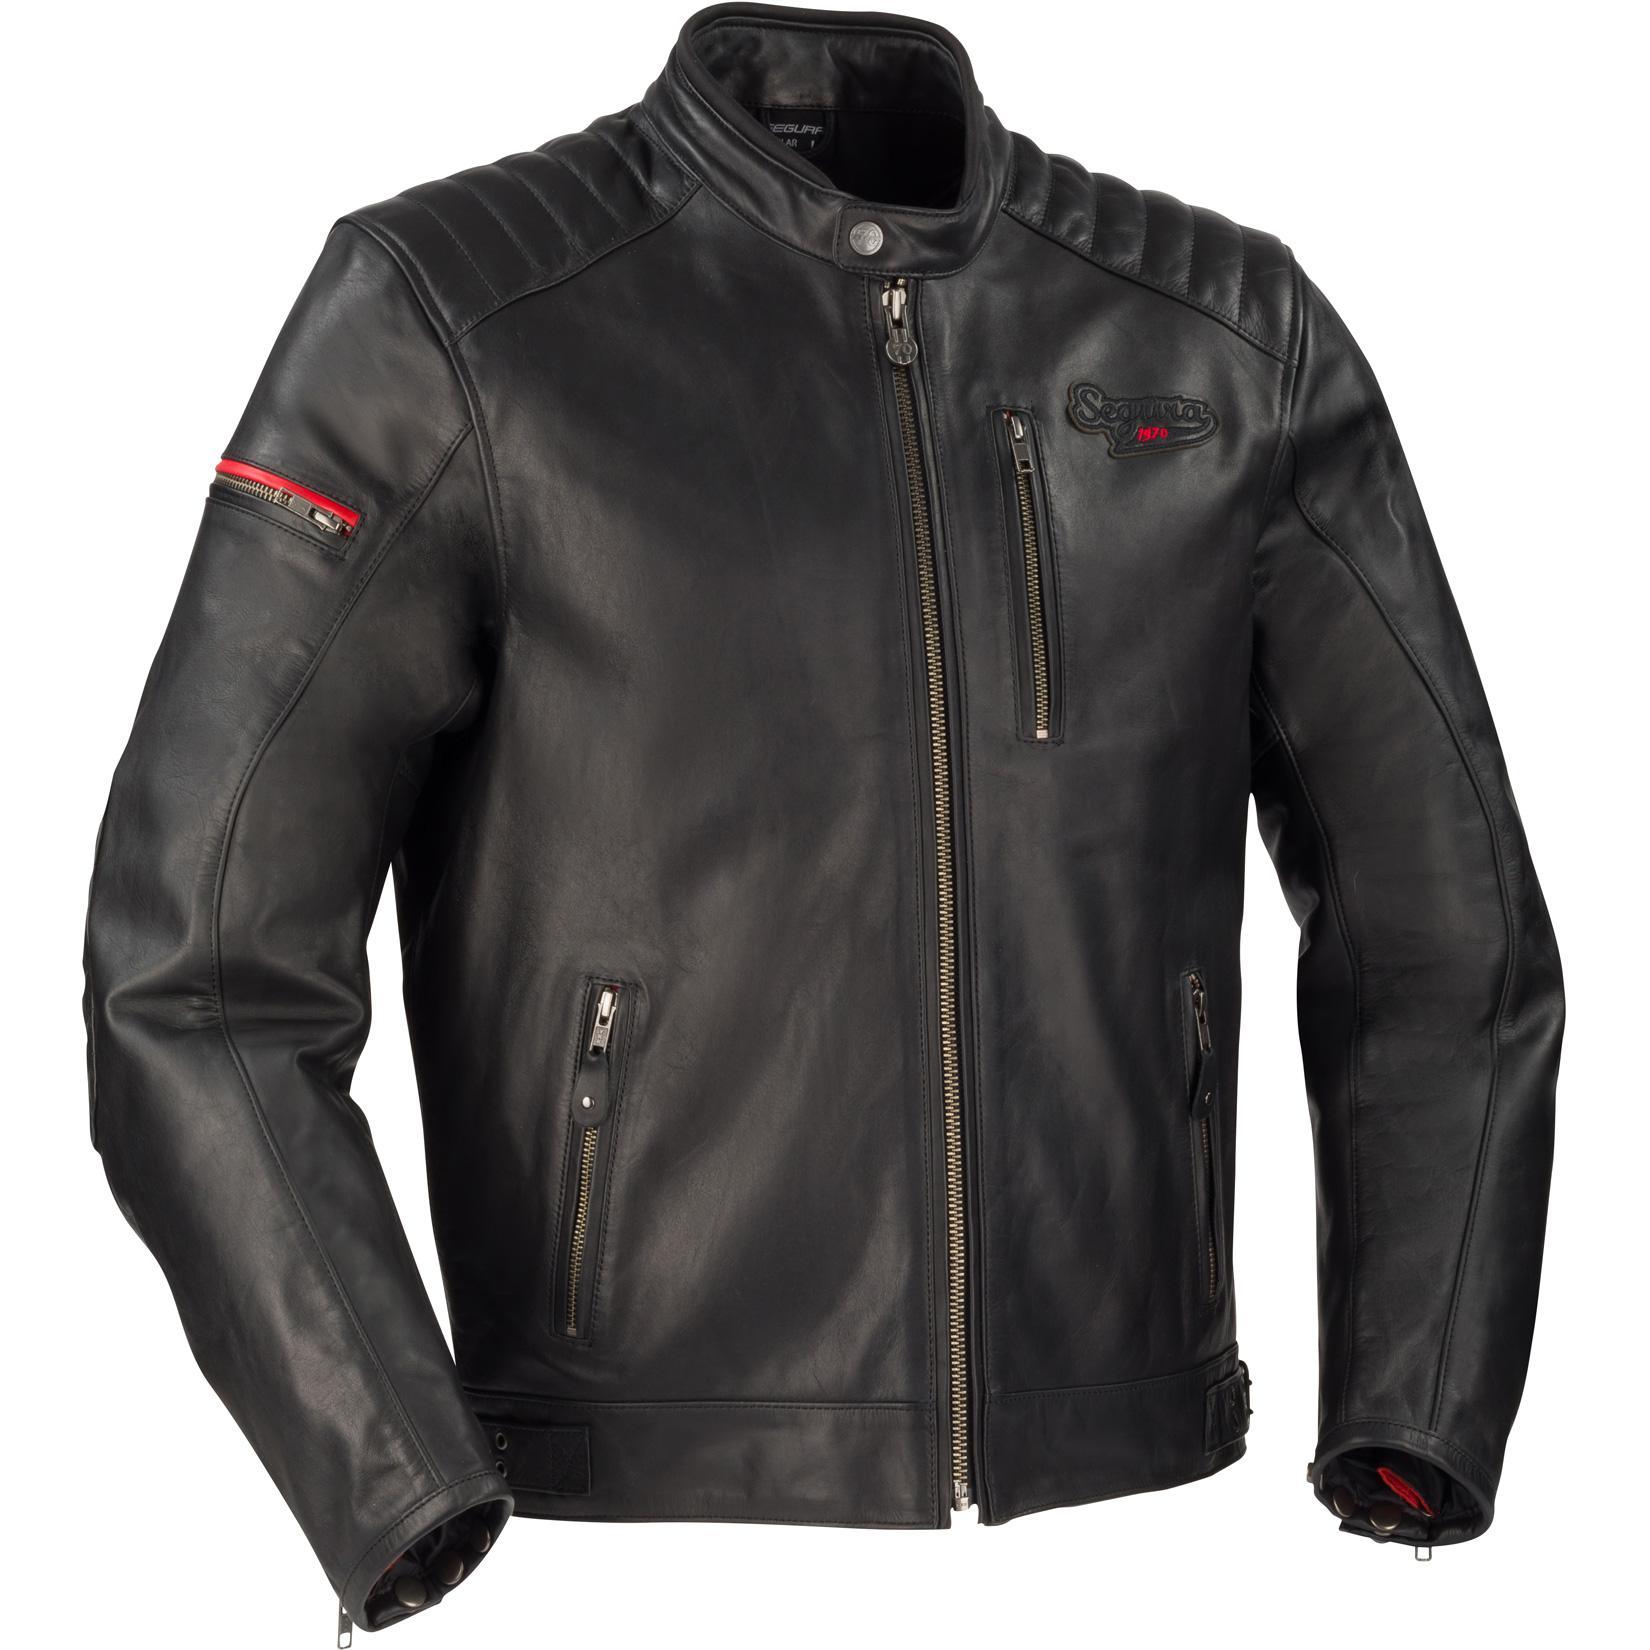 Blouson moto en cuir Segura Perkins - Doublure thermique amovible, Protections d'épaules / coudes (taille au choix)